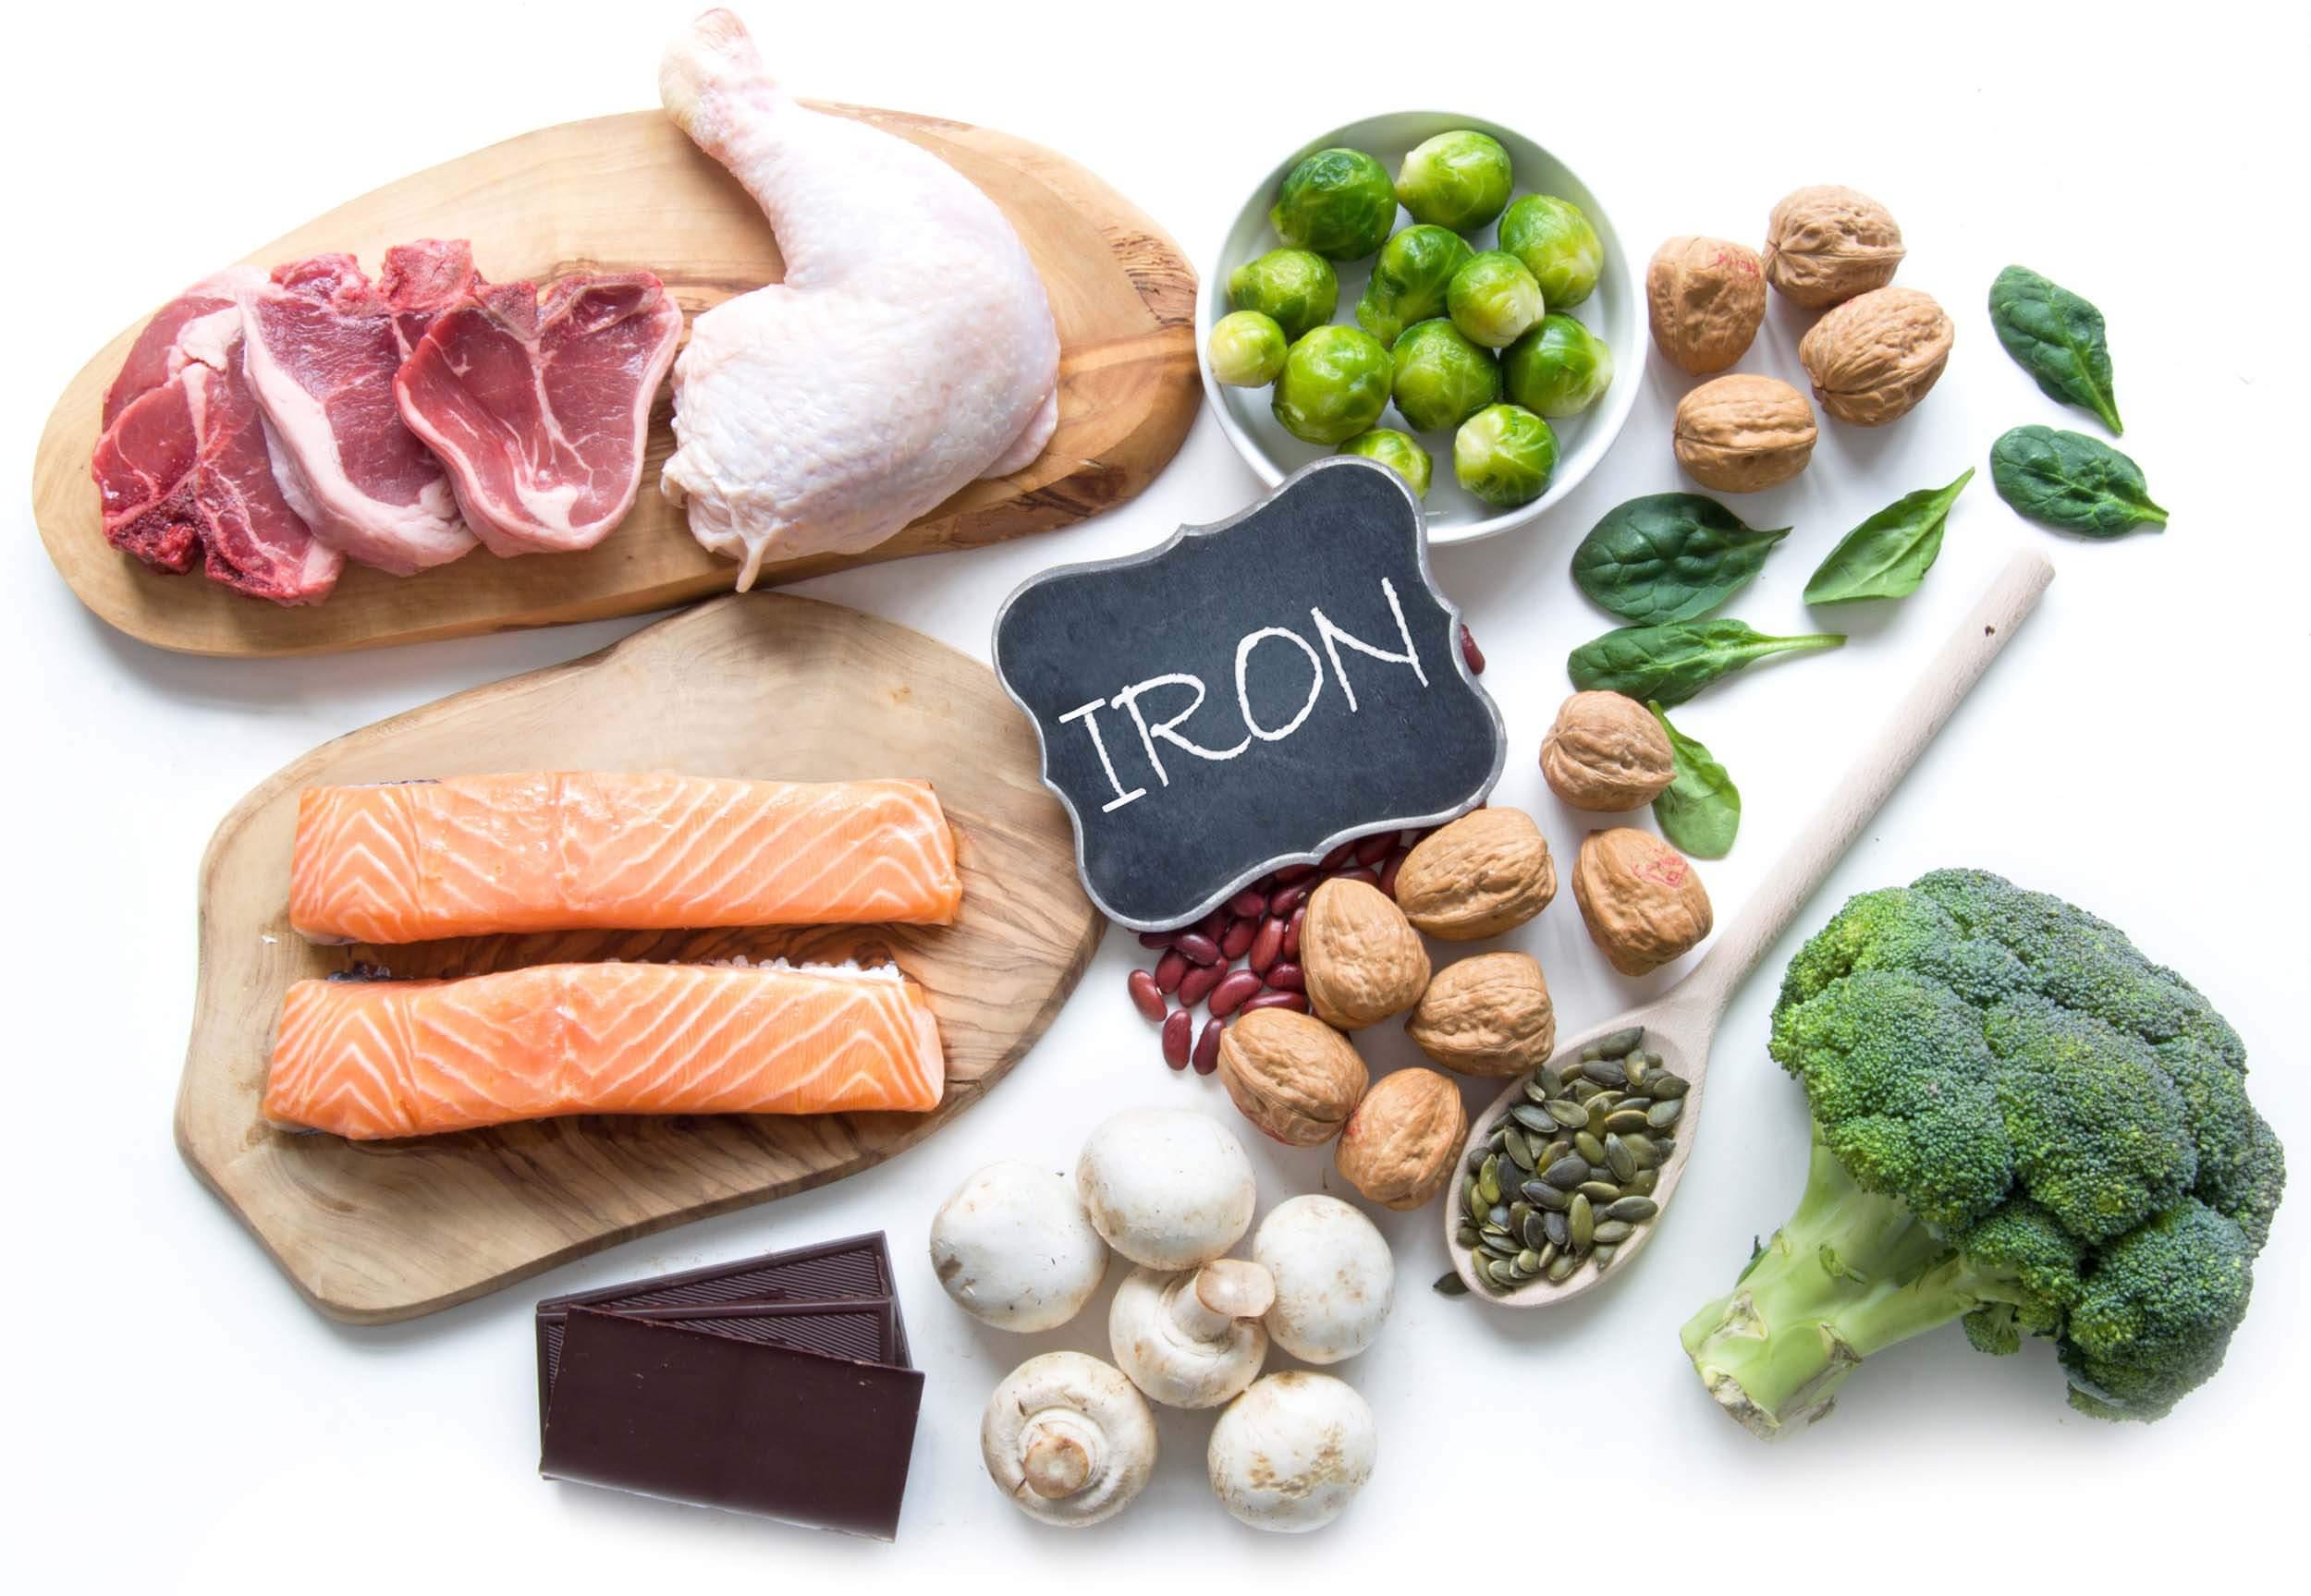 مصرف غذاهای غنی از آهن یکی از بهترین راههای بالا بردن فریتین خون است.